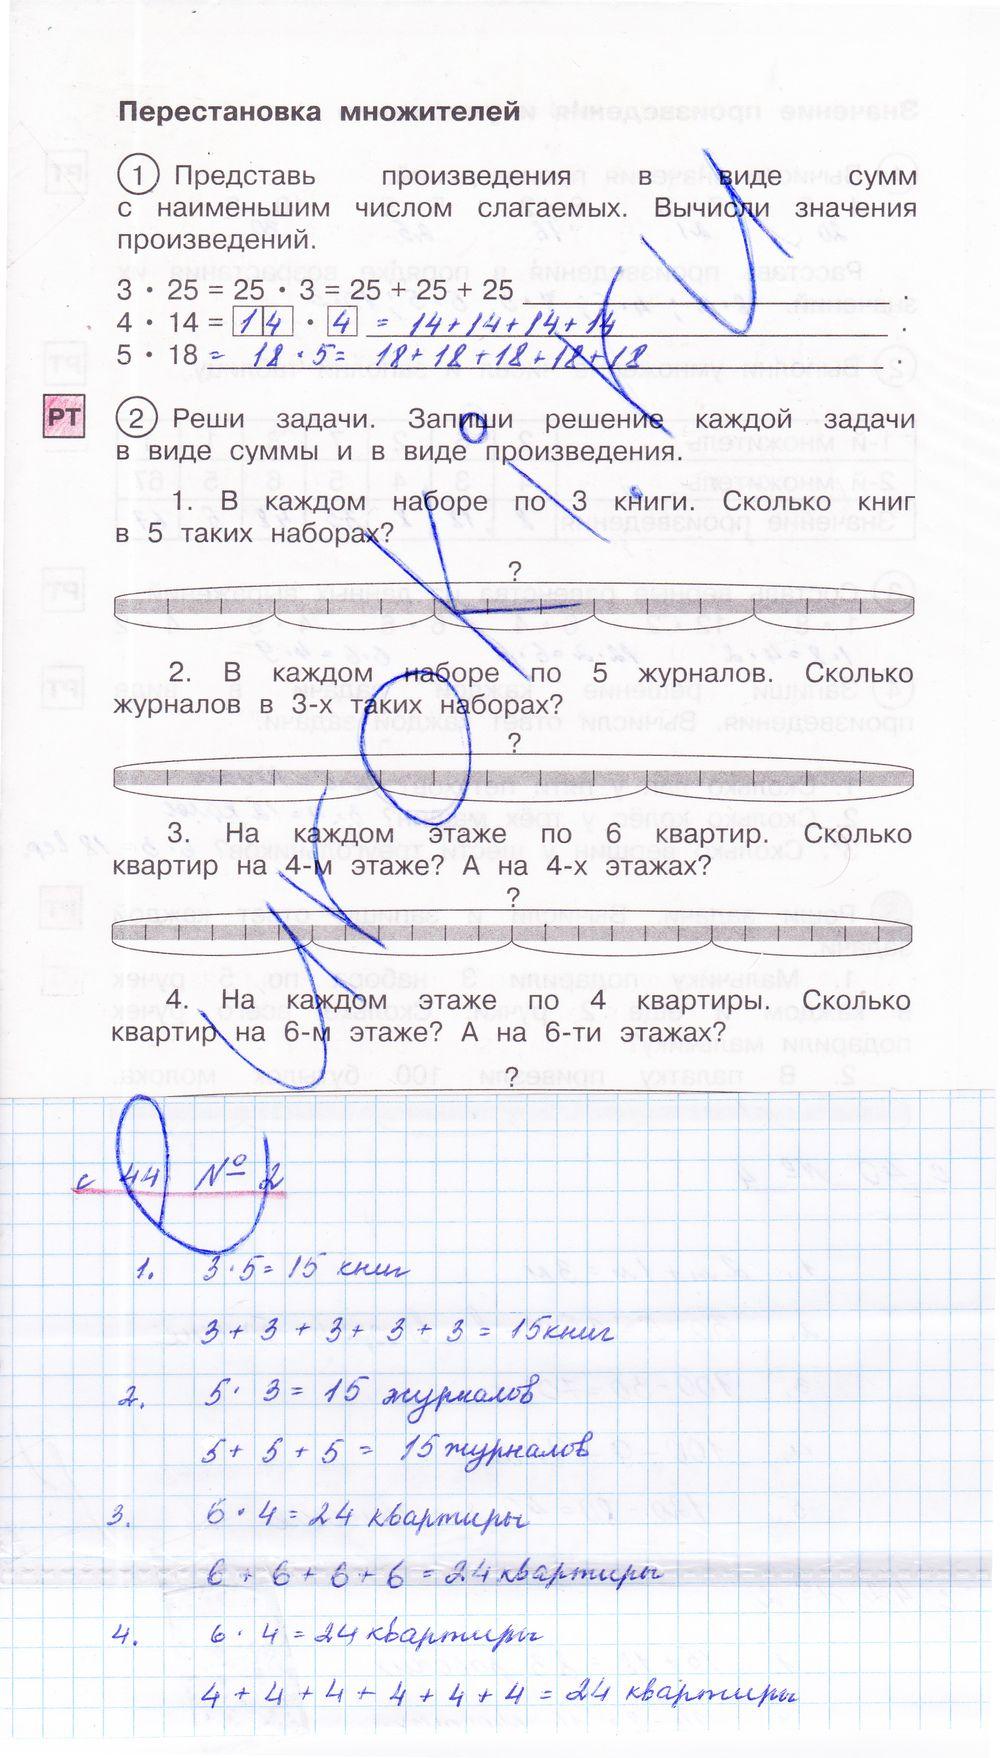 Гдз по математике 4 класс демидова козлова тонких 2 часть